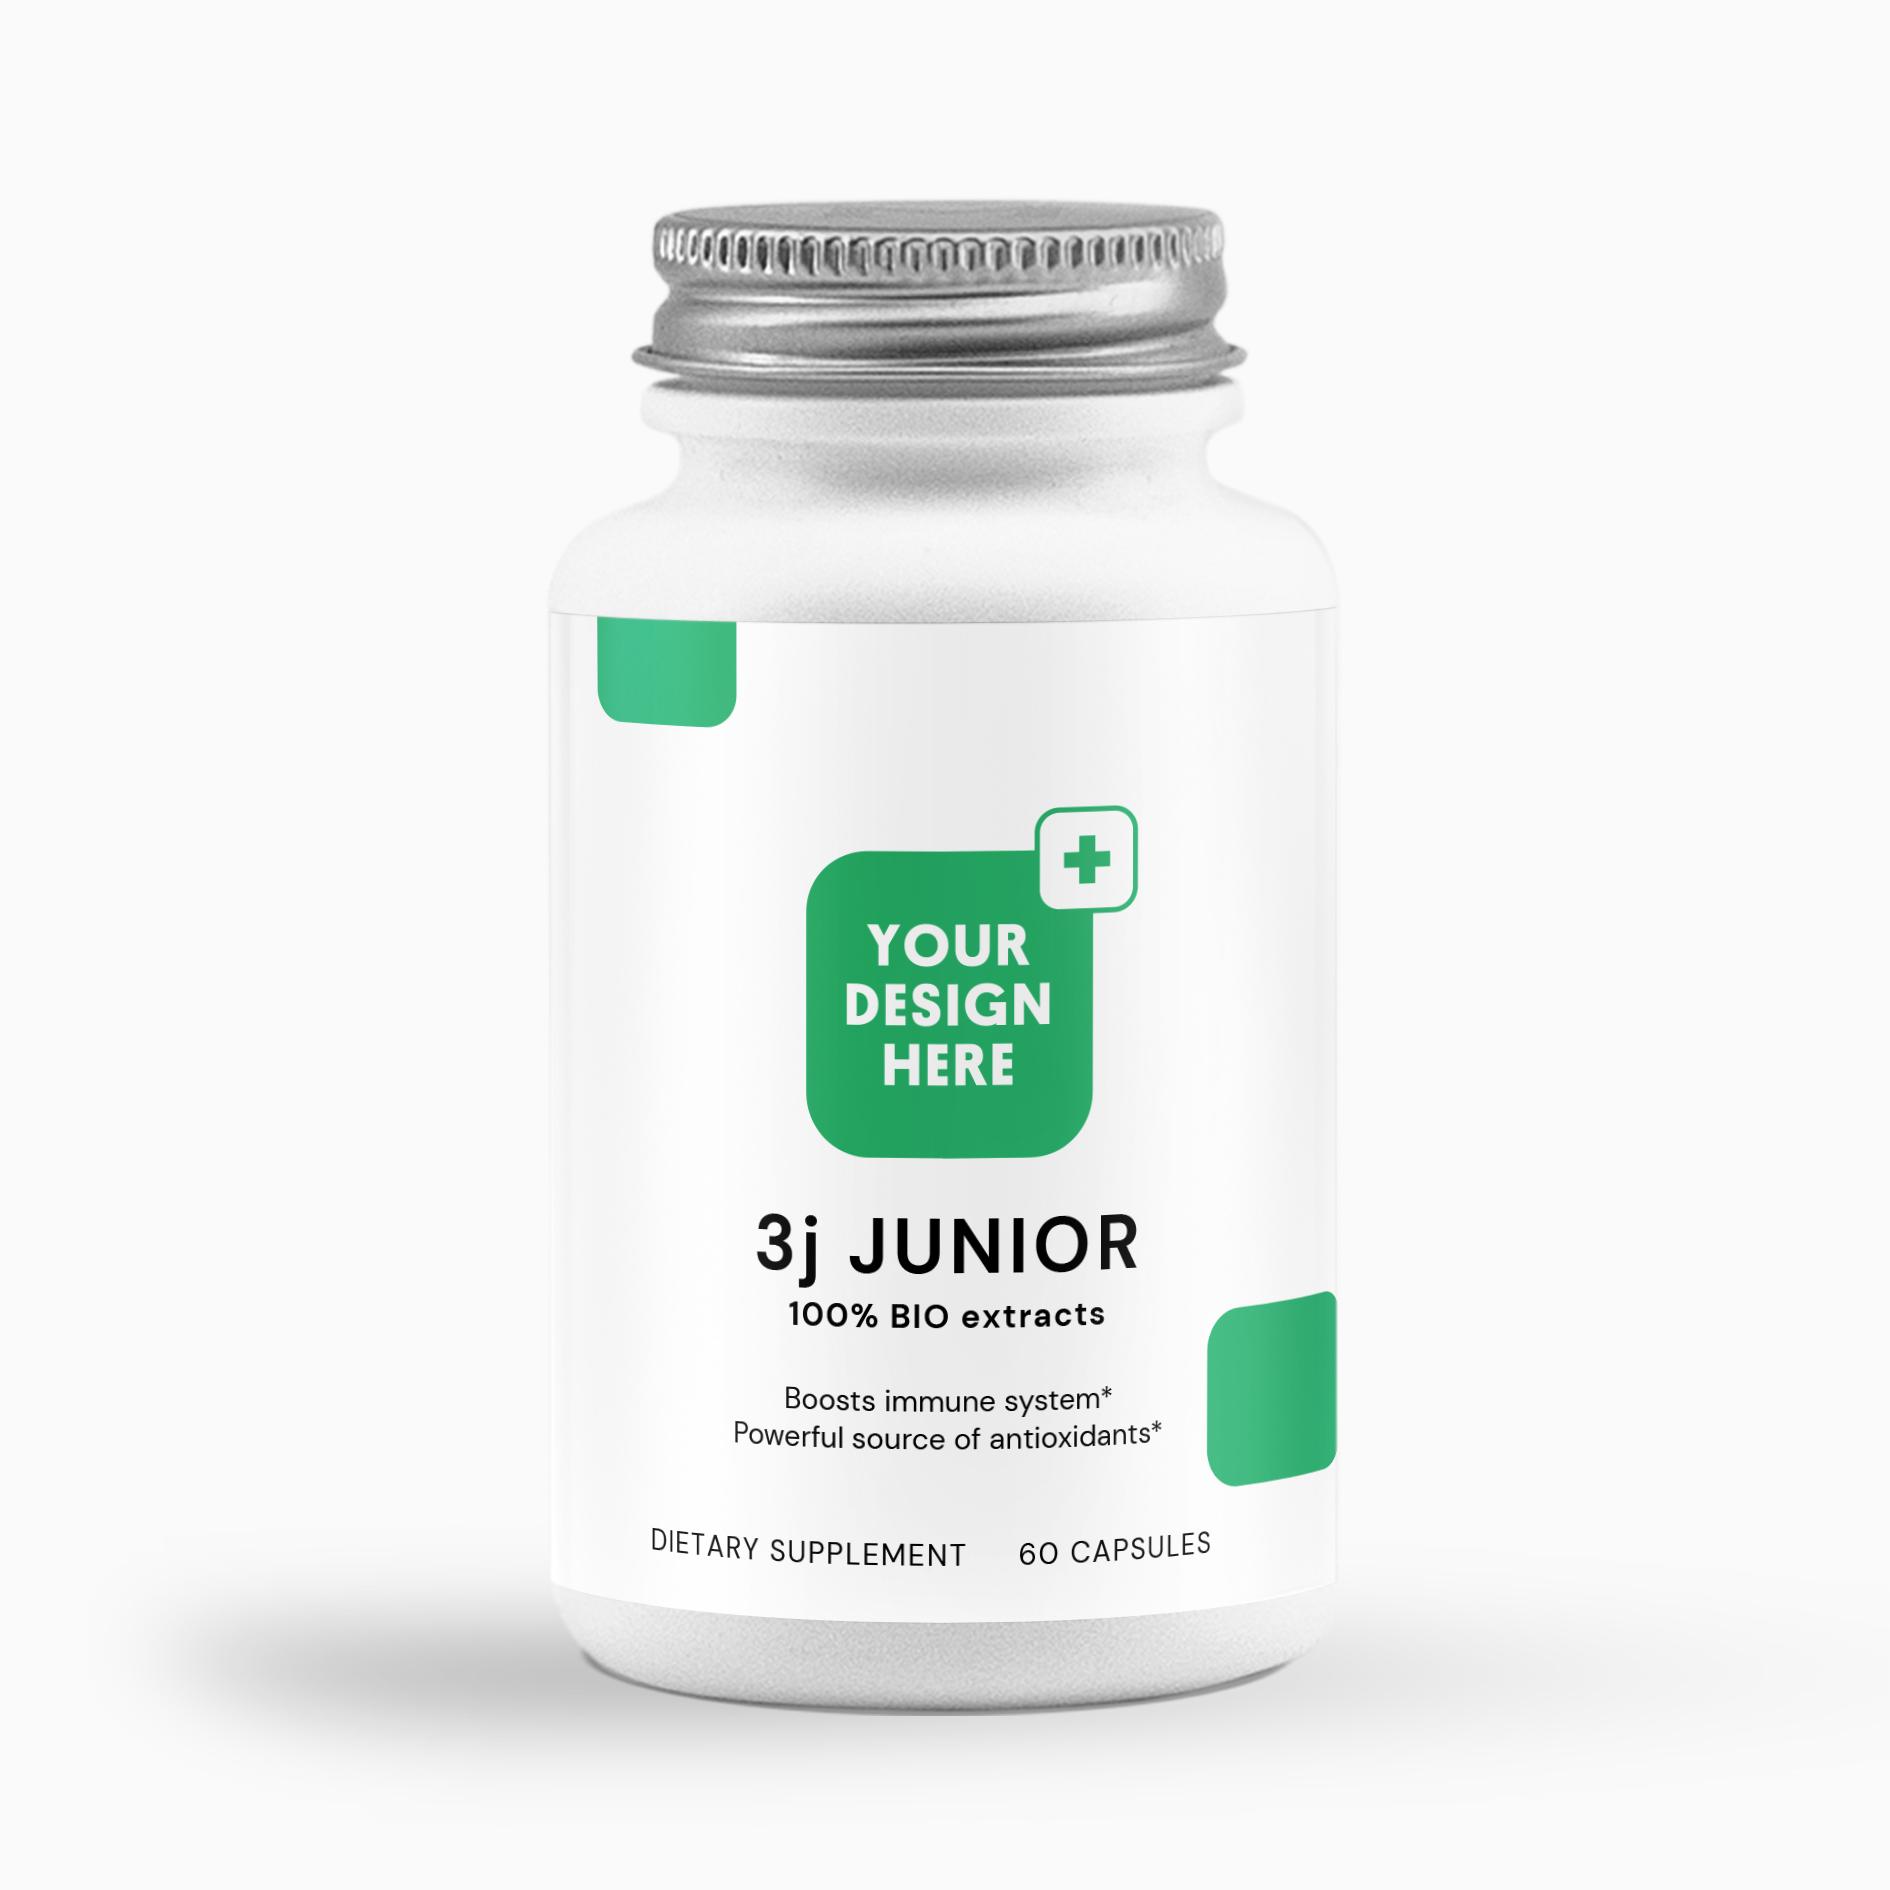 3j Junior